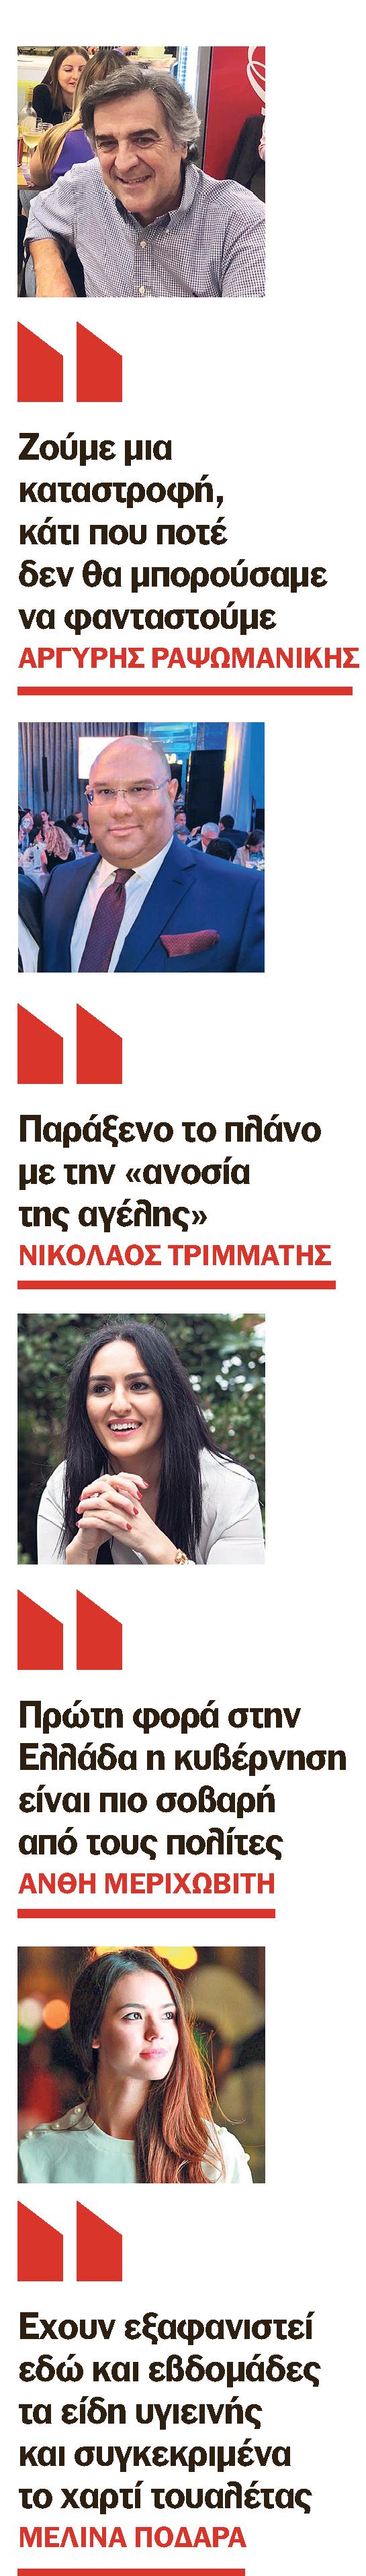 Ελληνες του Λονδίνου μιλούν στον «Ε.Τ.» για το αποτυχημένο πείραμα του Τζόνσον